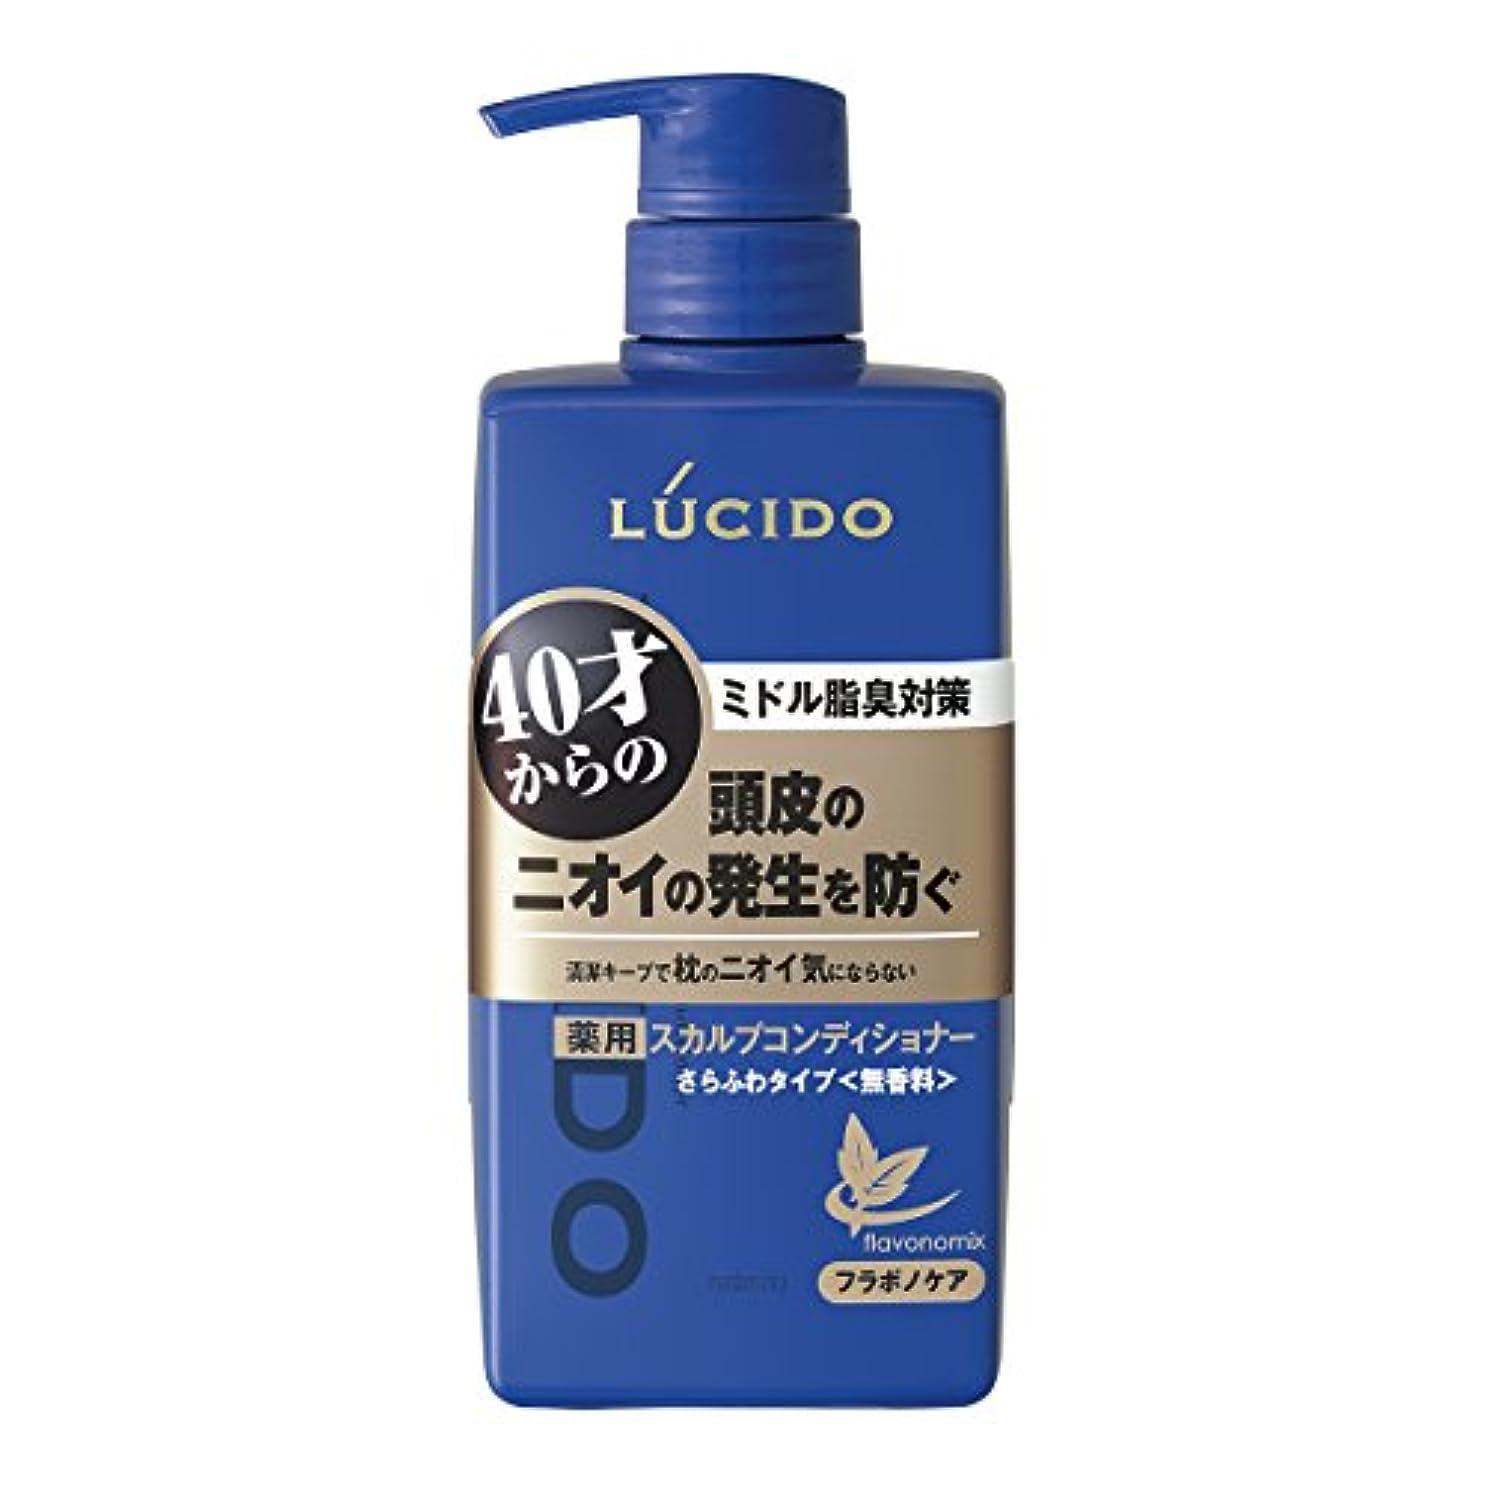 感度ジャグリング罹患率ルシード 薬用ヘア&スカルプコンディショナー 450g(医薬部外品)